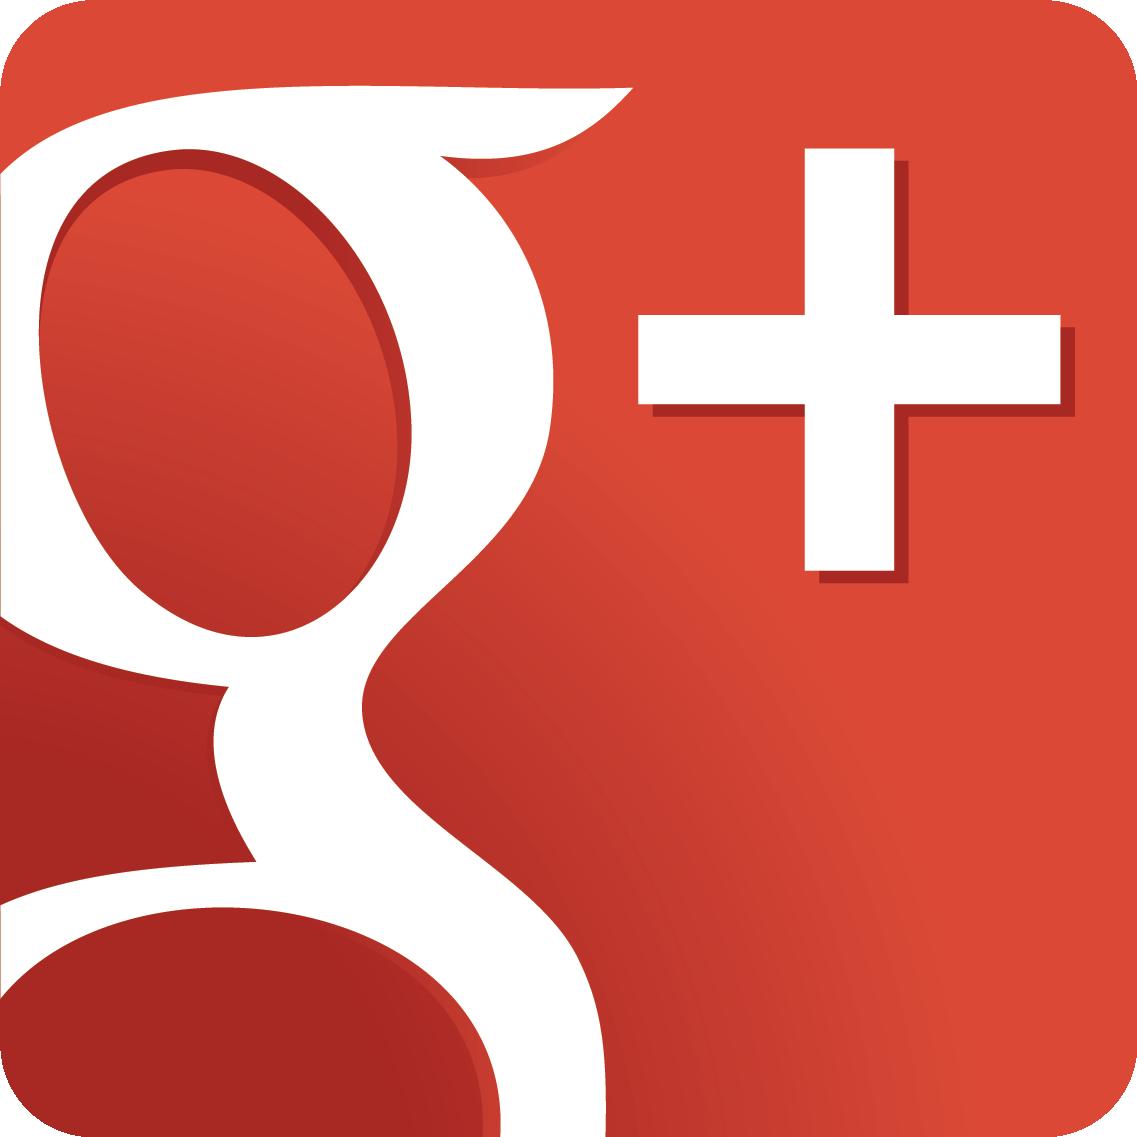 google-plus-logo-5.png